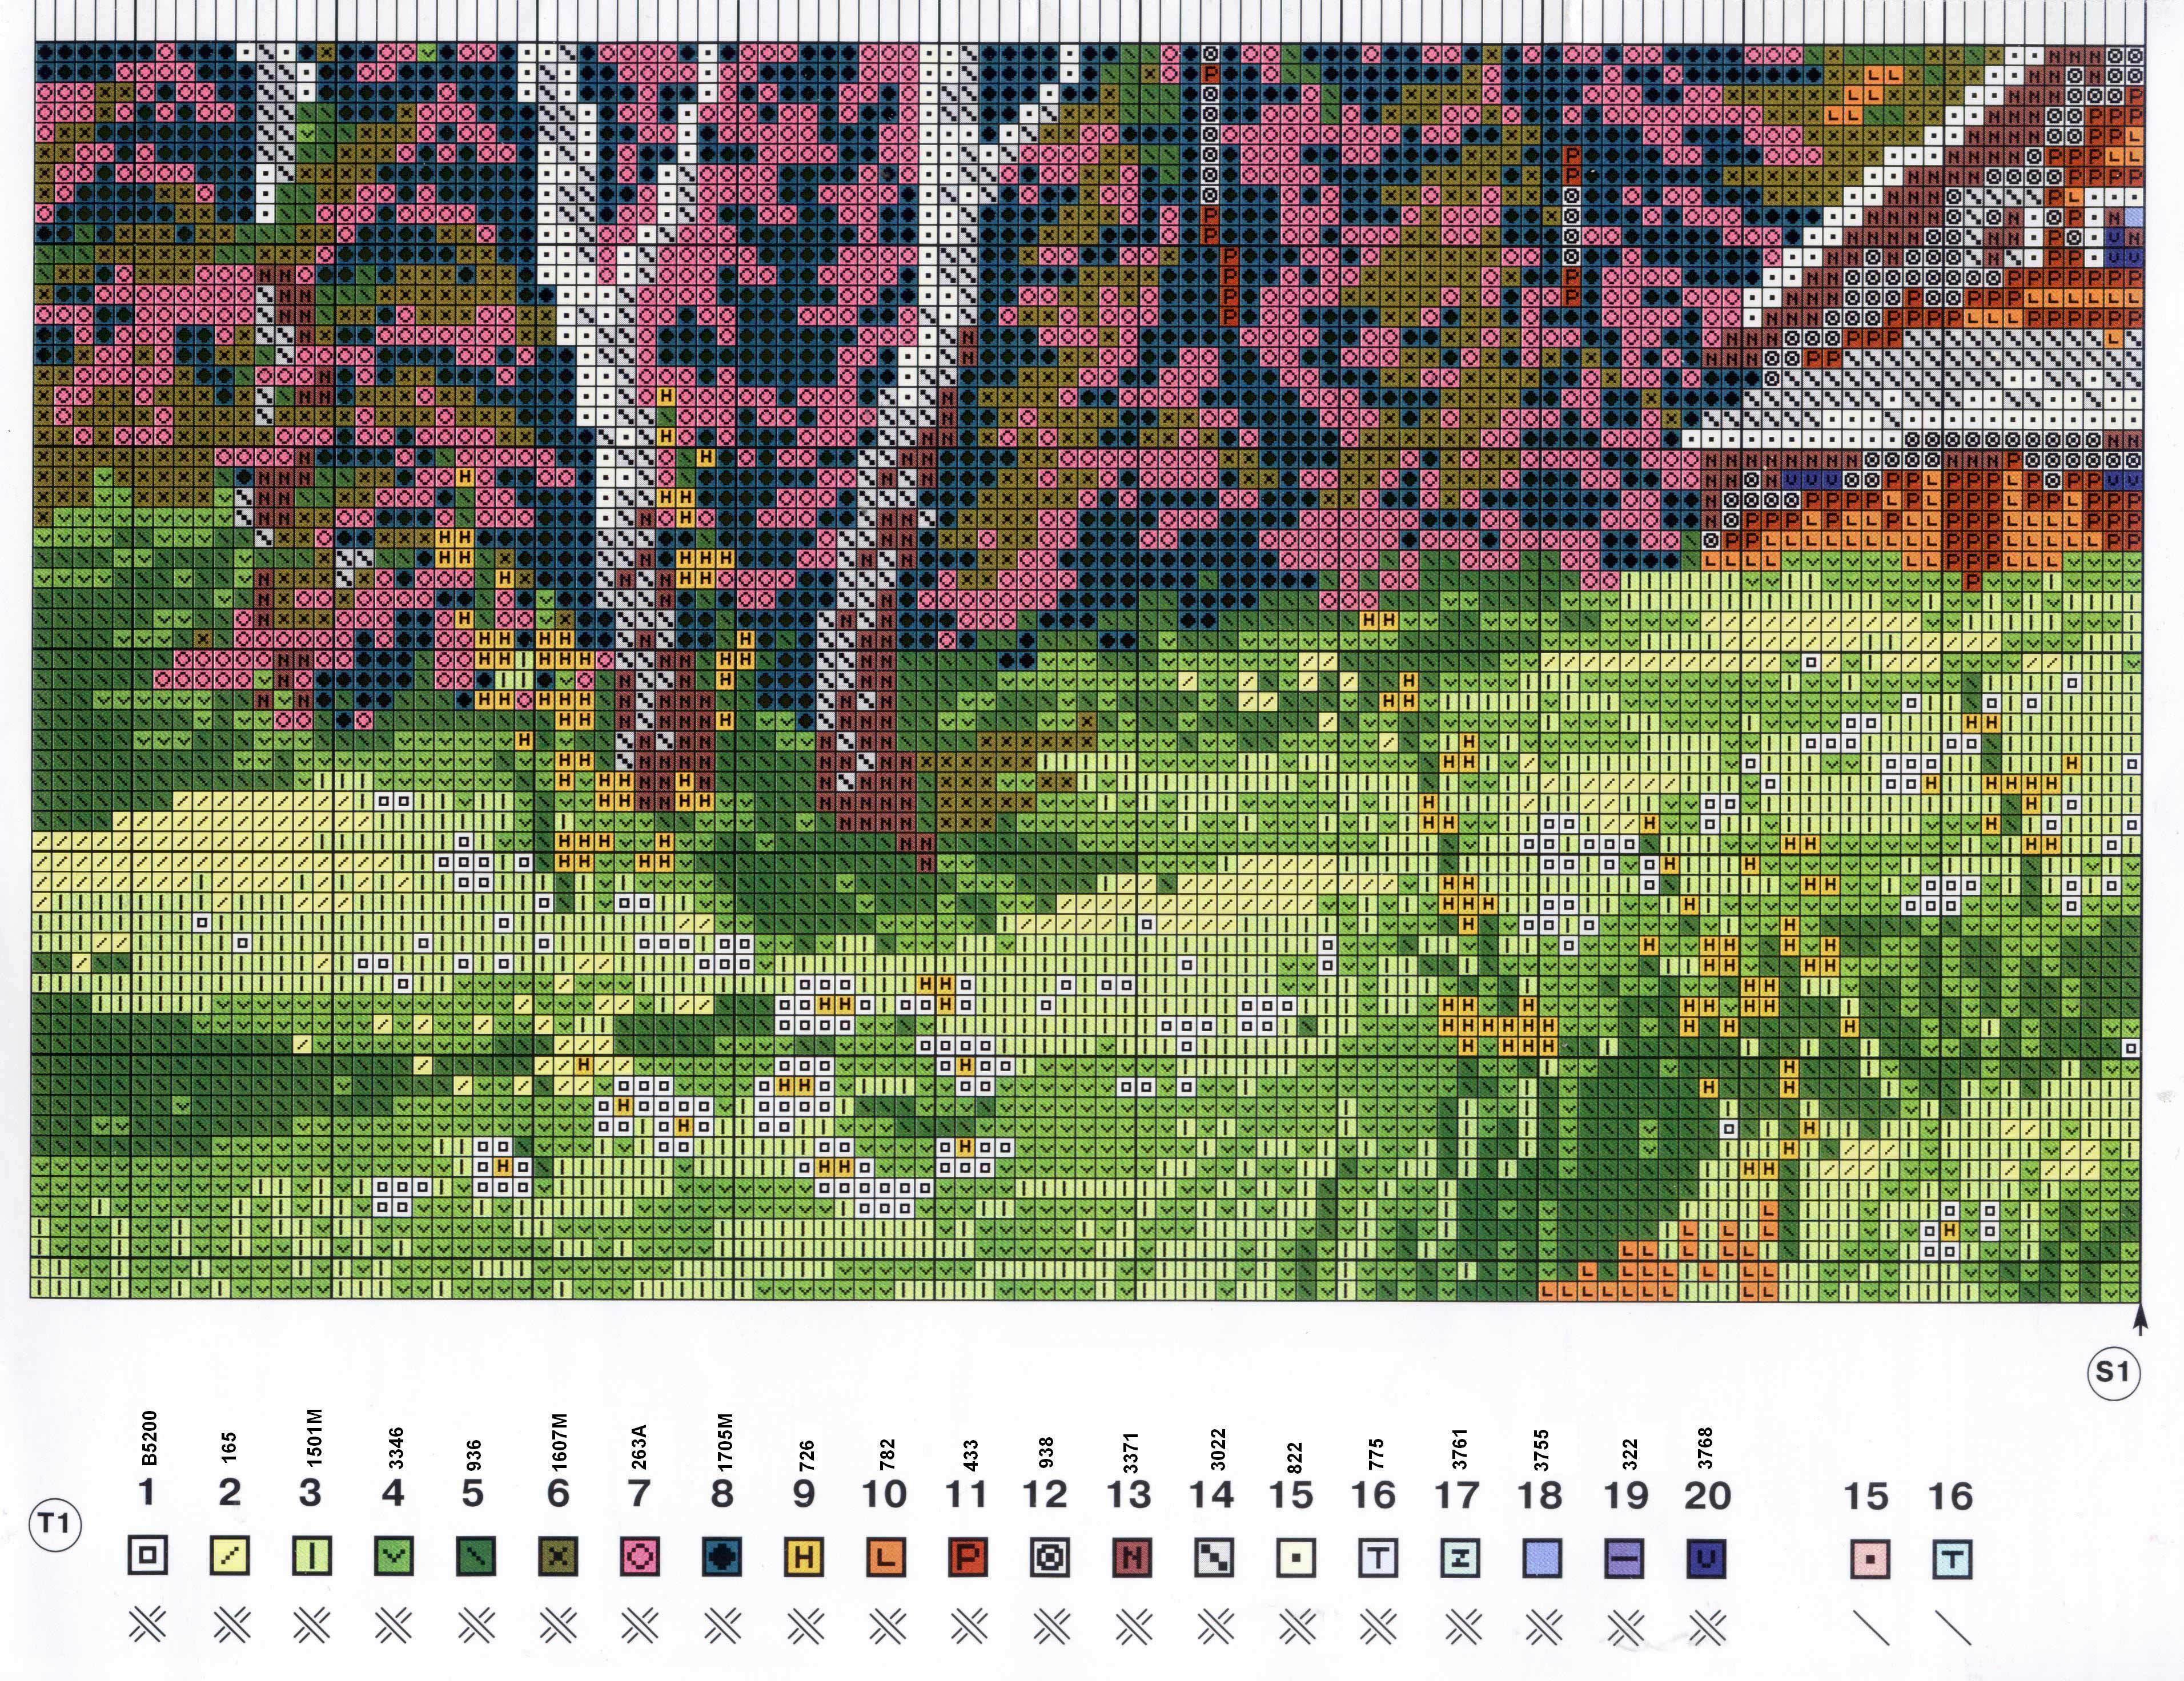 Домик в лесу - Схемы и наборы вышивки бисером крестом 64